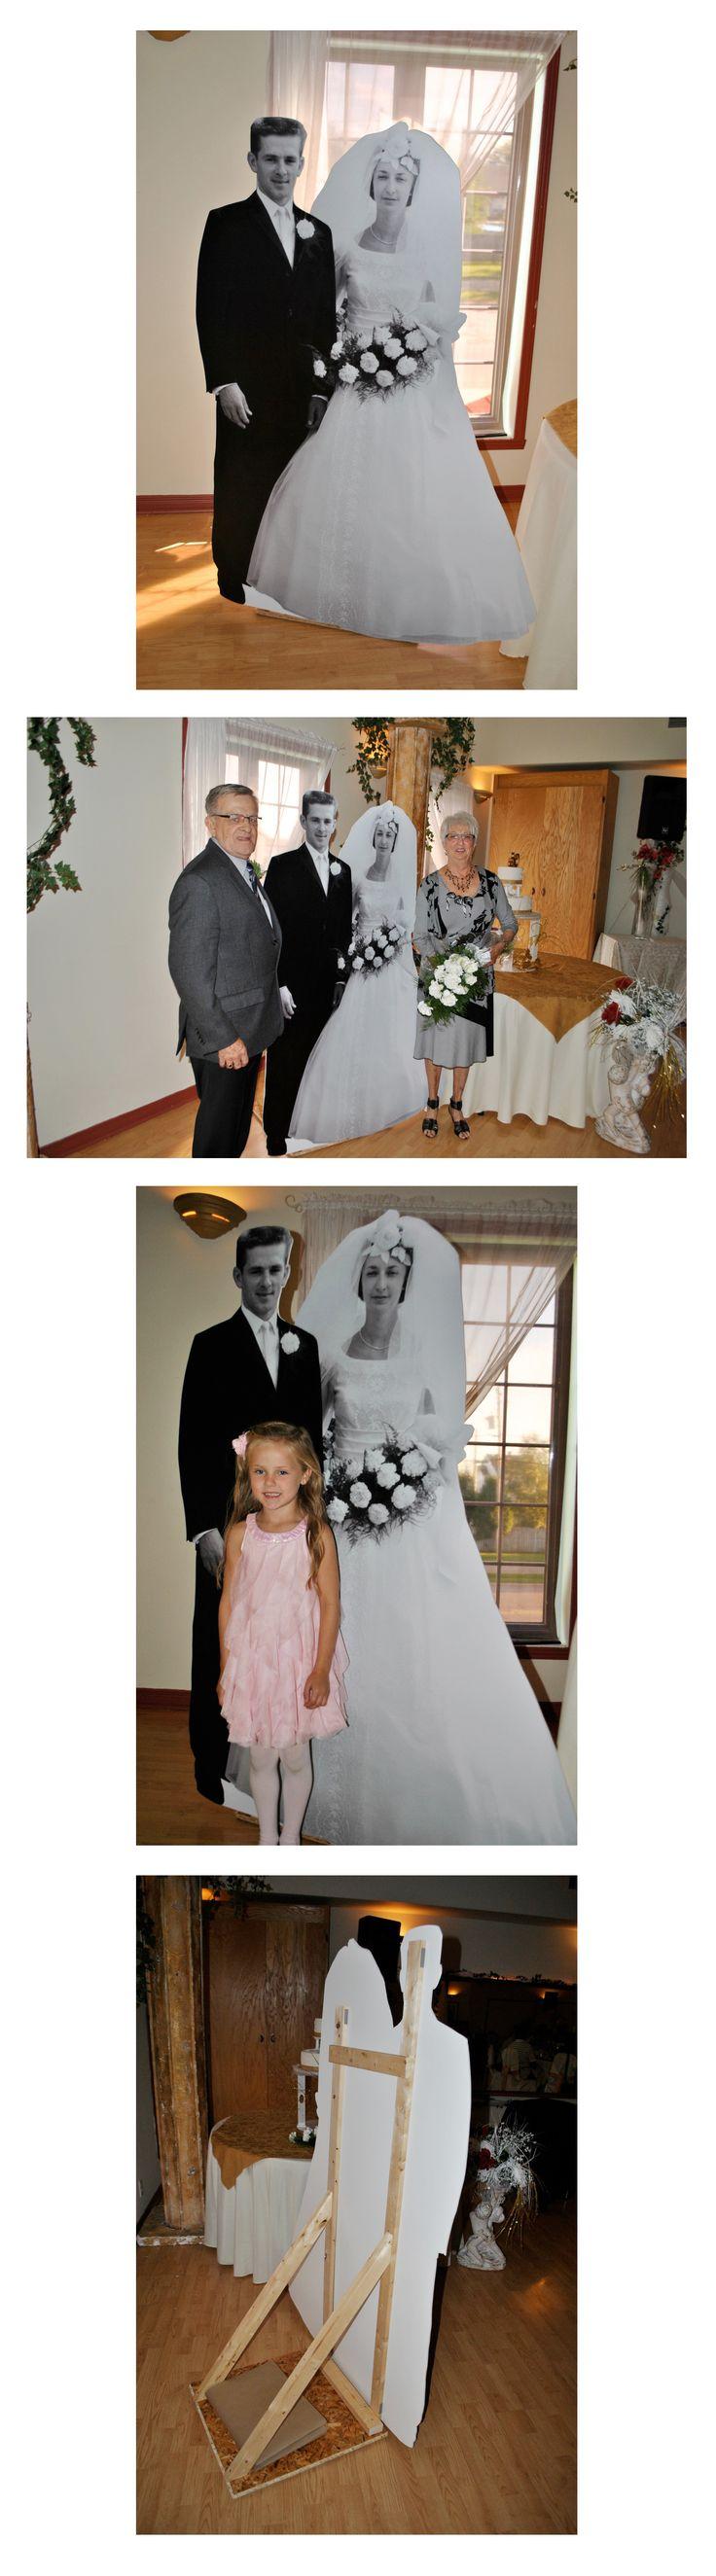 Des mariés grandeur nature pour célébrer un 50e anniversaire de mariage, une idée qui fait fureur... Real size bride & groom to celebrate a 50th wedding anniversary, an idea that will be popular!